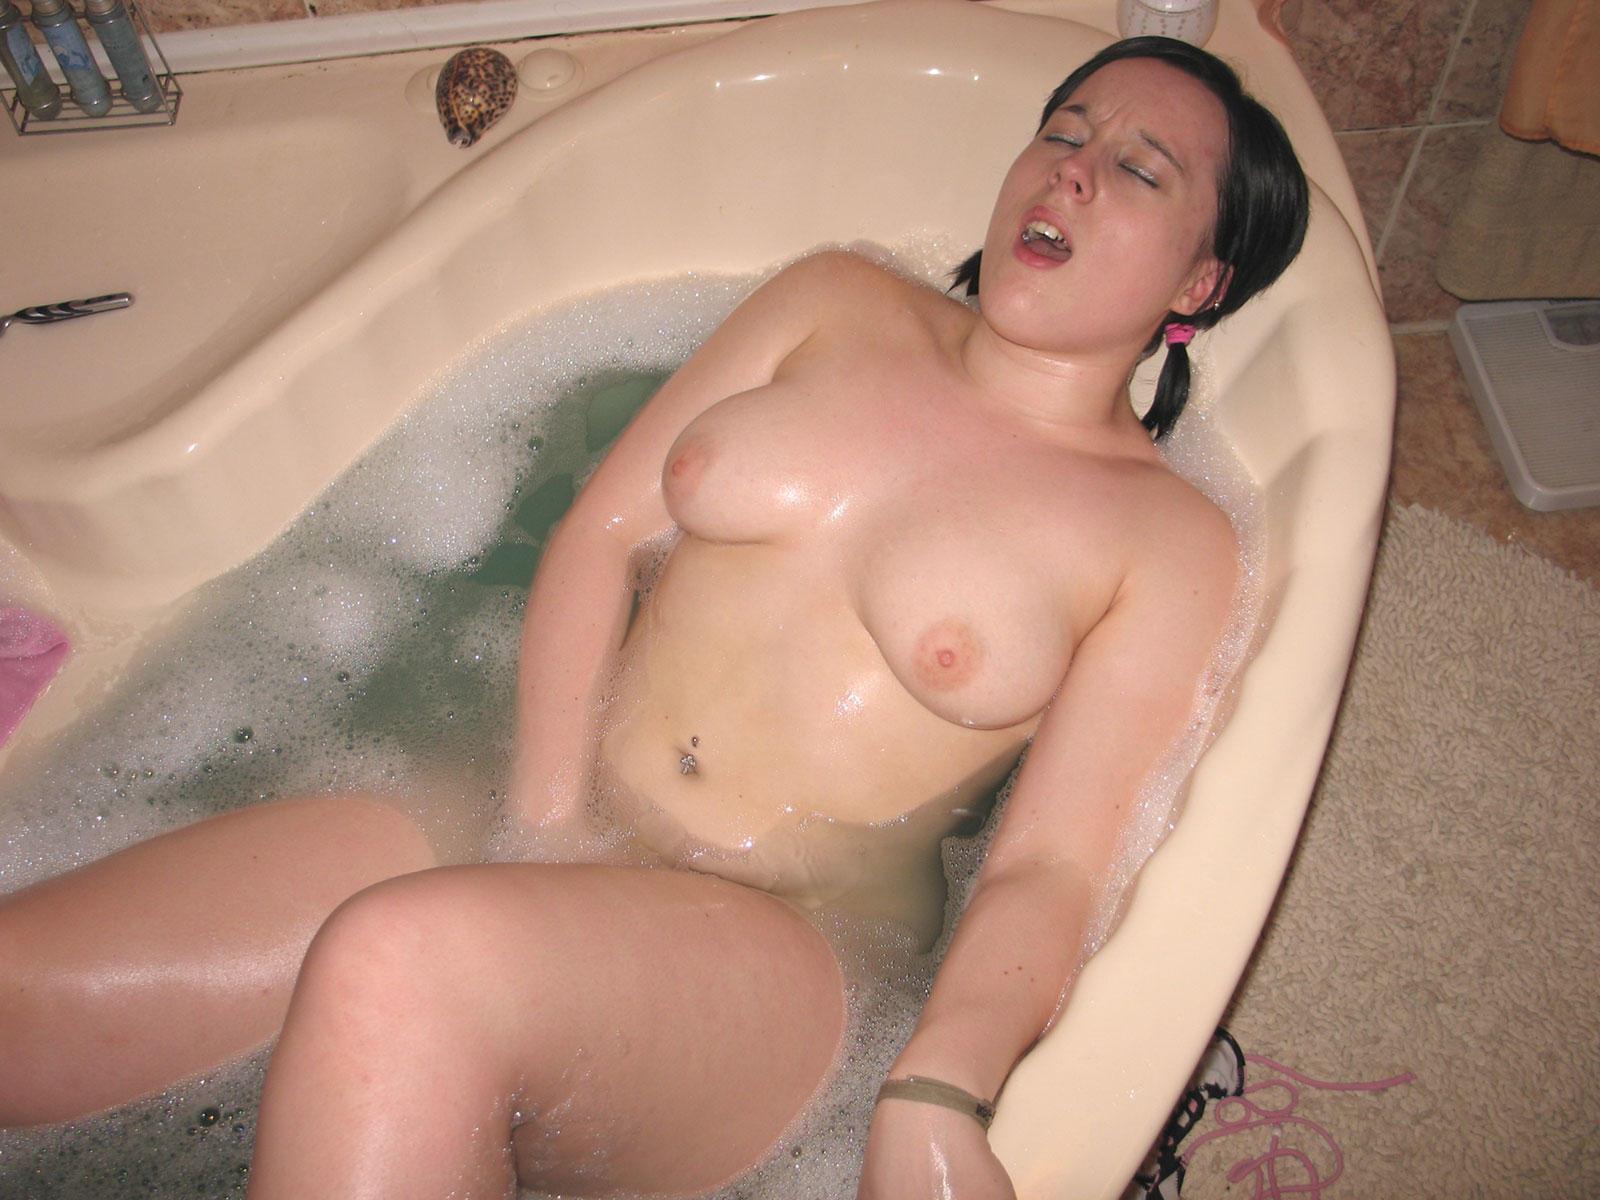 collegian girl nude sex in bathroom